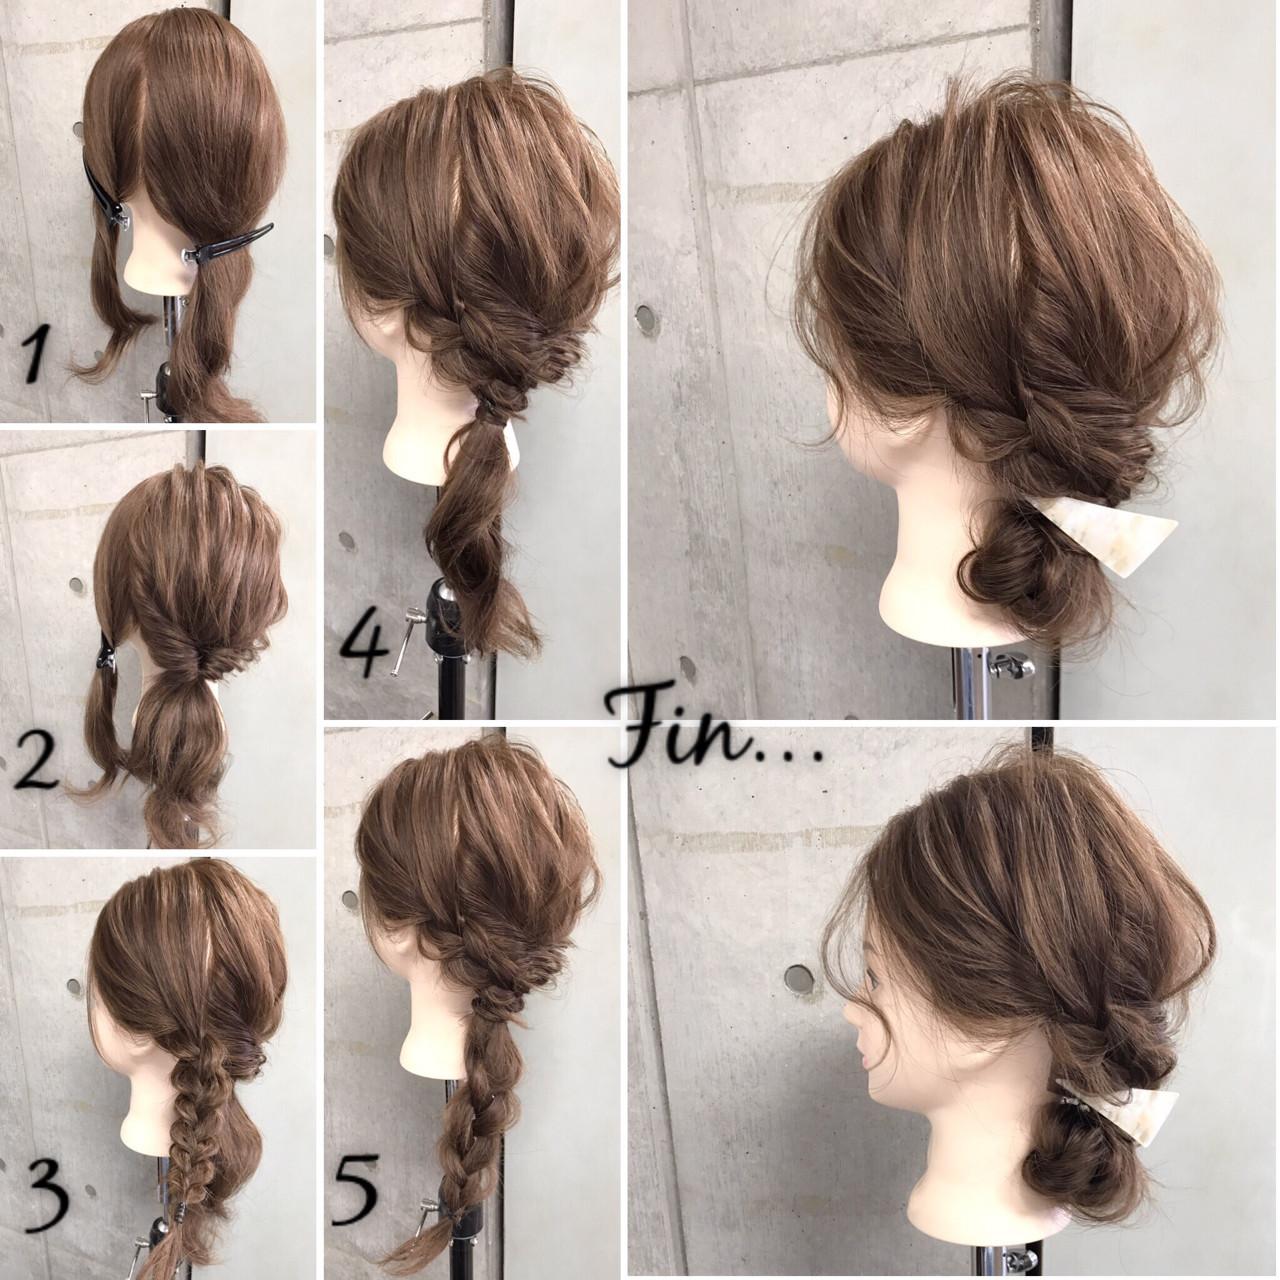 大人女子 簡単 簡単ヘアアレンジ セミロング ヘアスタイルや髪型の写真・画像